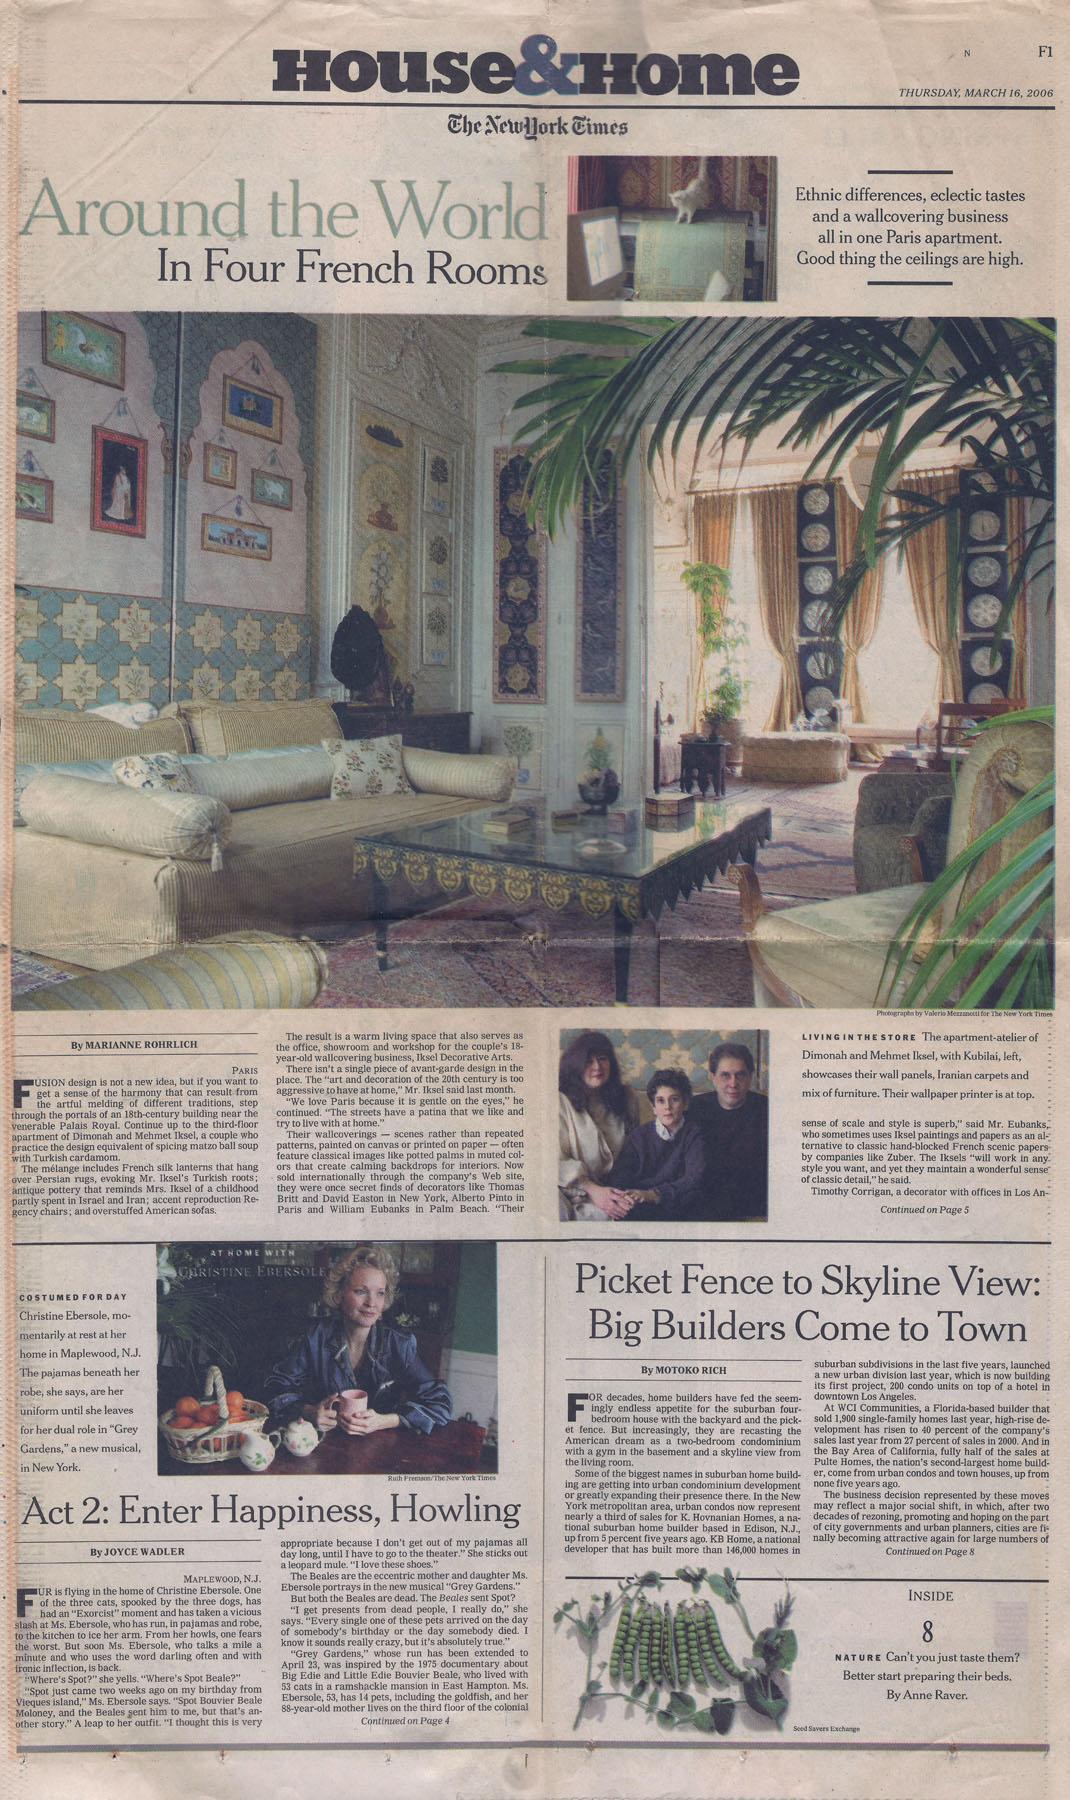 newyorktimes_usa3b_2006